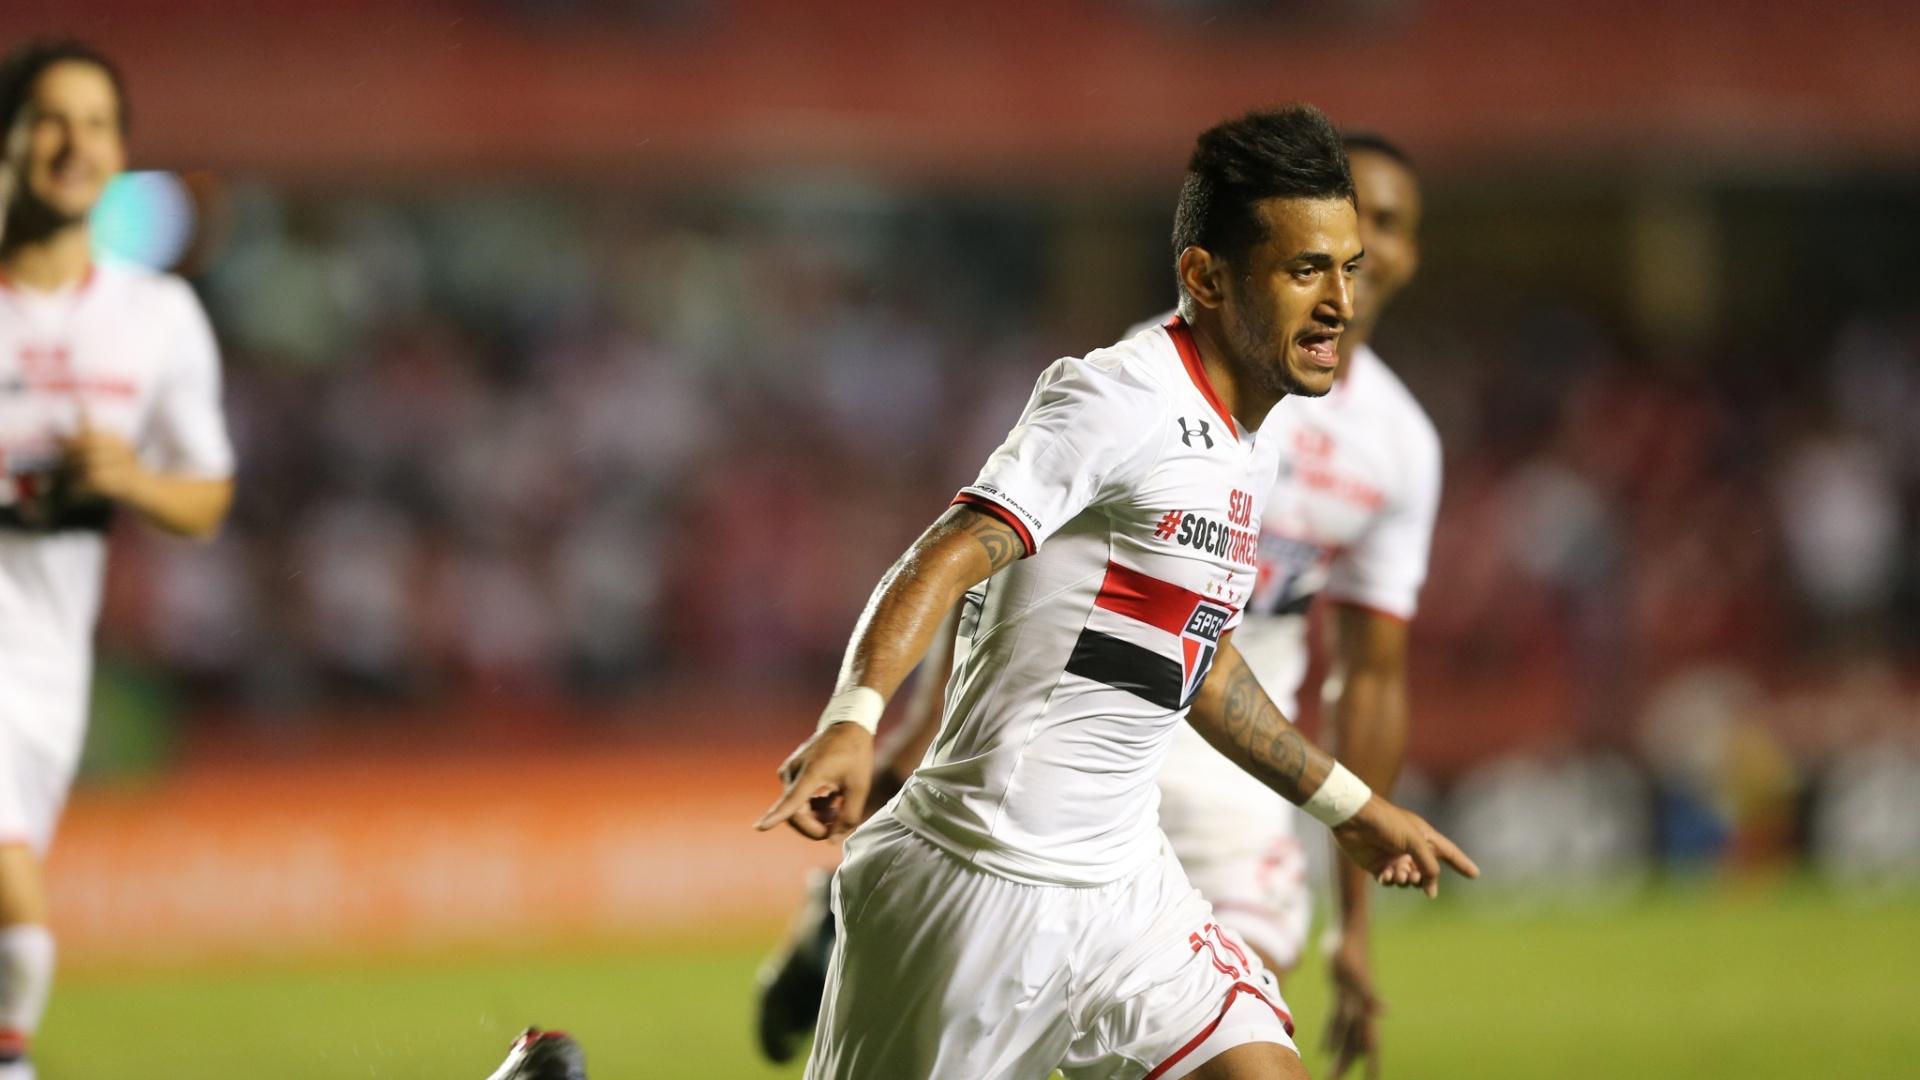 Rogério comemora gol marcado pelo São Paulo na vitória sobre o Atlético-PR, no Morumbi